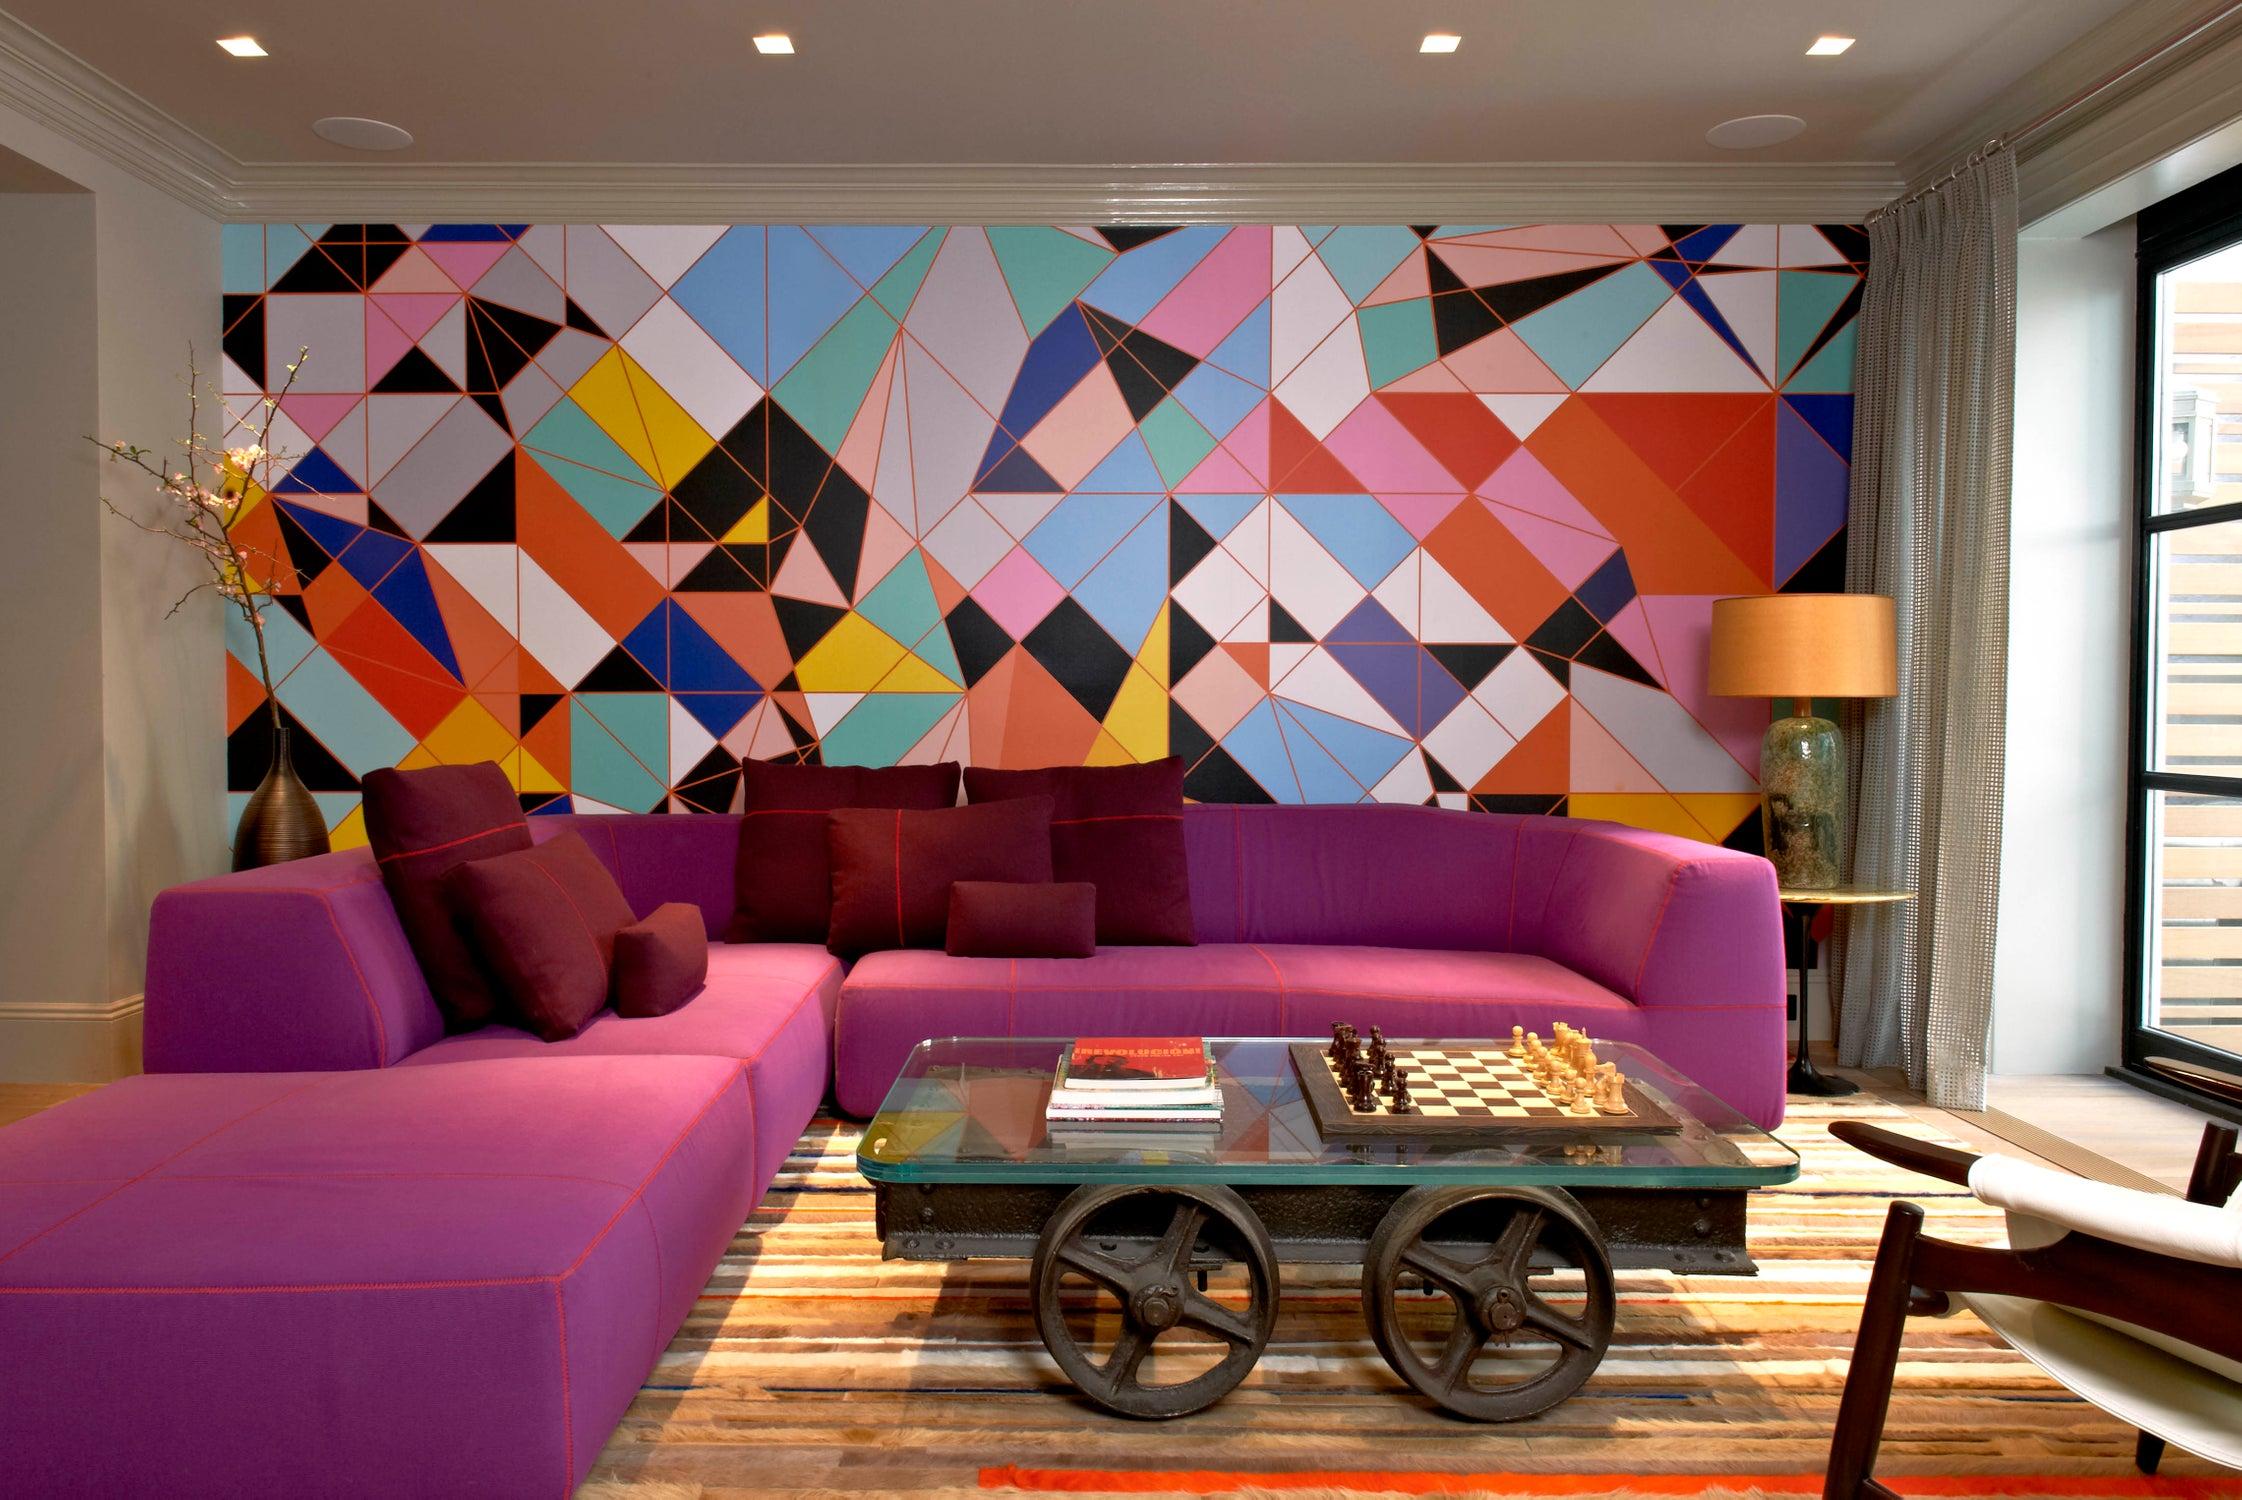 Популярная модель дивана от итальянского дизайнера Паолы Навоне, которая выглядит совершенно по-разному в разных цветах обивки